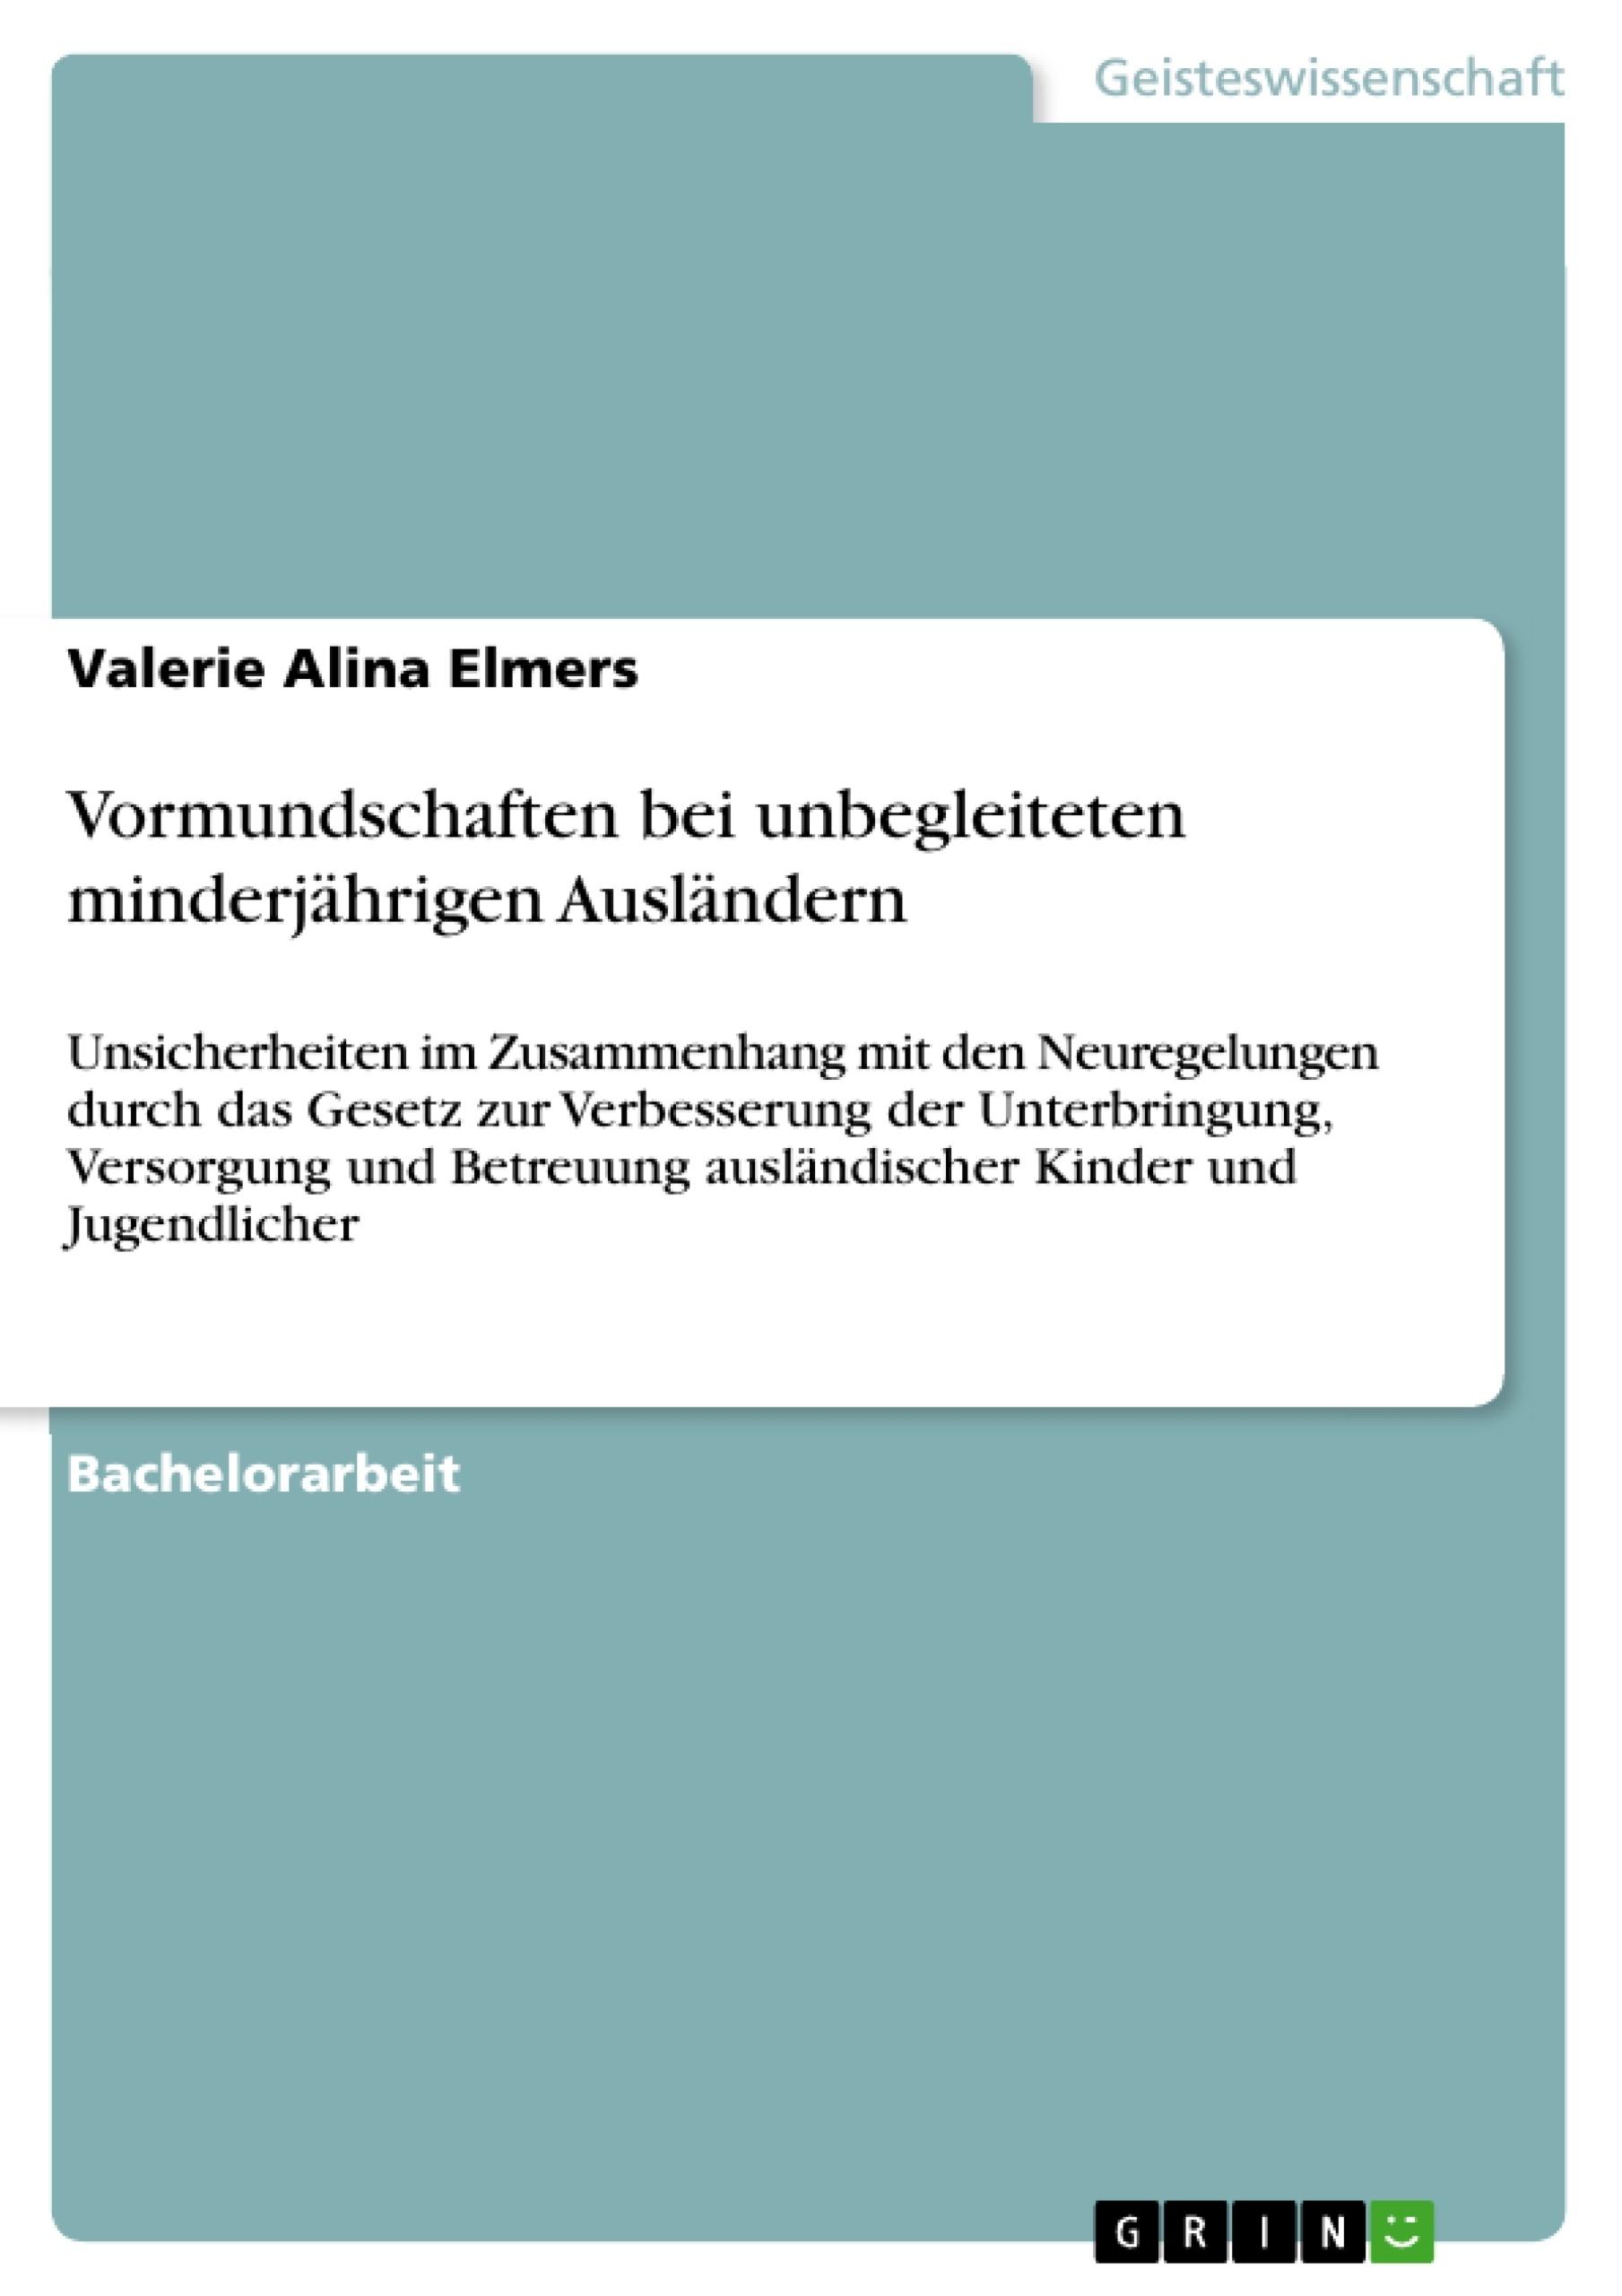 Titel: Vormundschaften bei unbegleiteten minderjährigen Ausländern